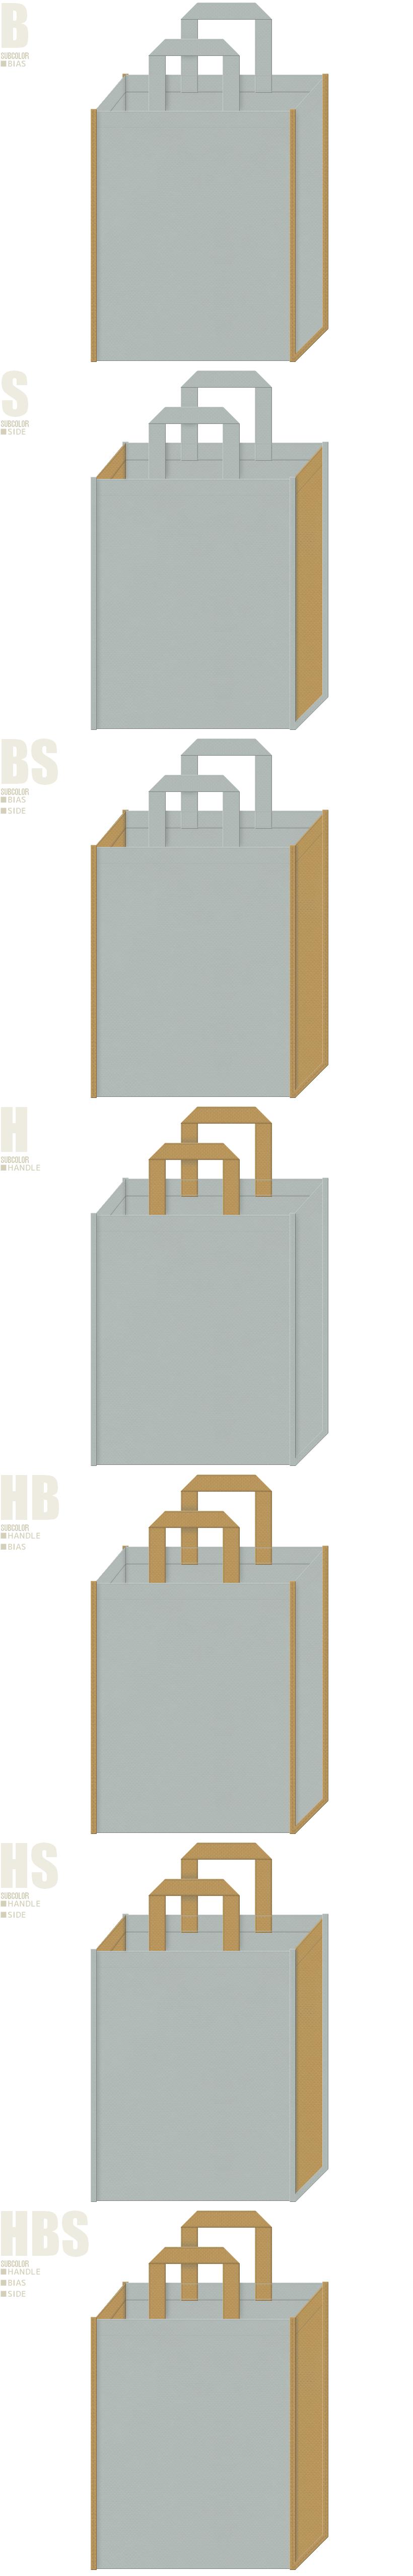 ニット・セーター・アウター・レギンス・秋冬ファッションの展示会用バッグにお奨めの不織布バッグデザイン:グレー色と金黄土色の配色7パターン